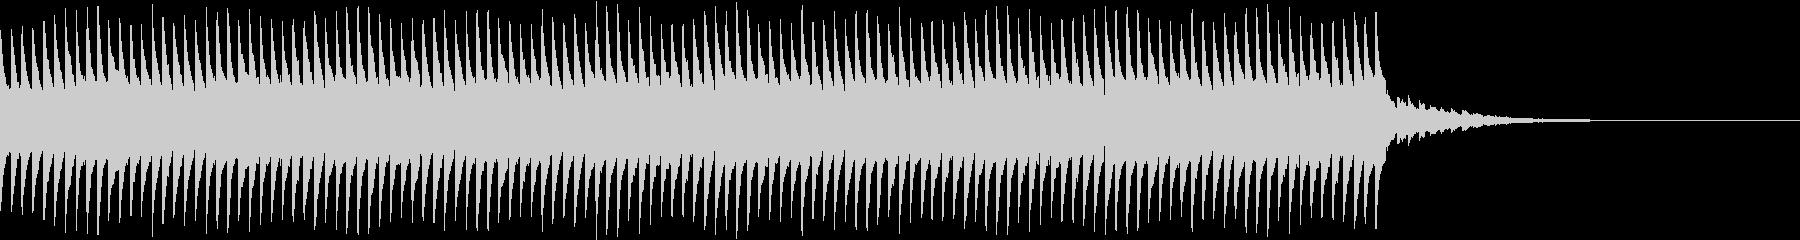 近代的な光のイメージの未再生の波形